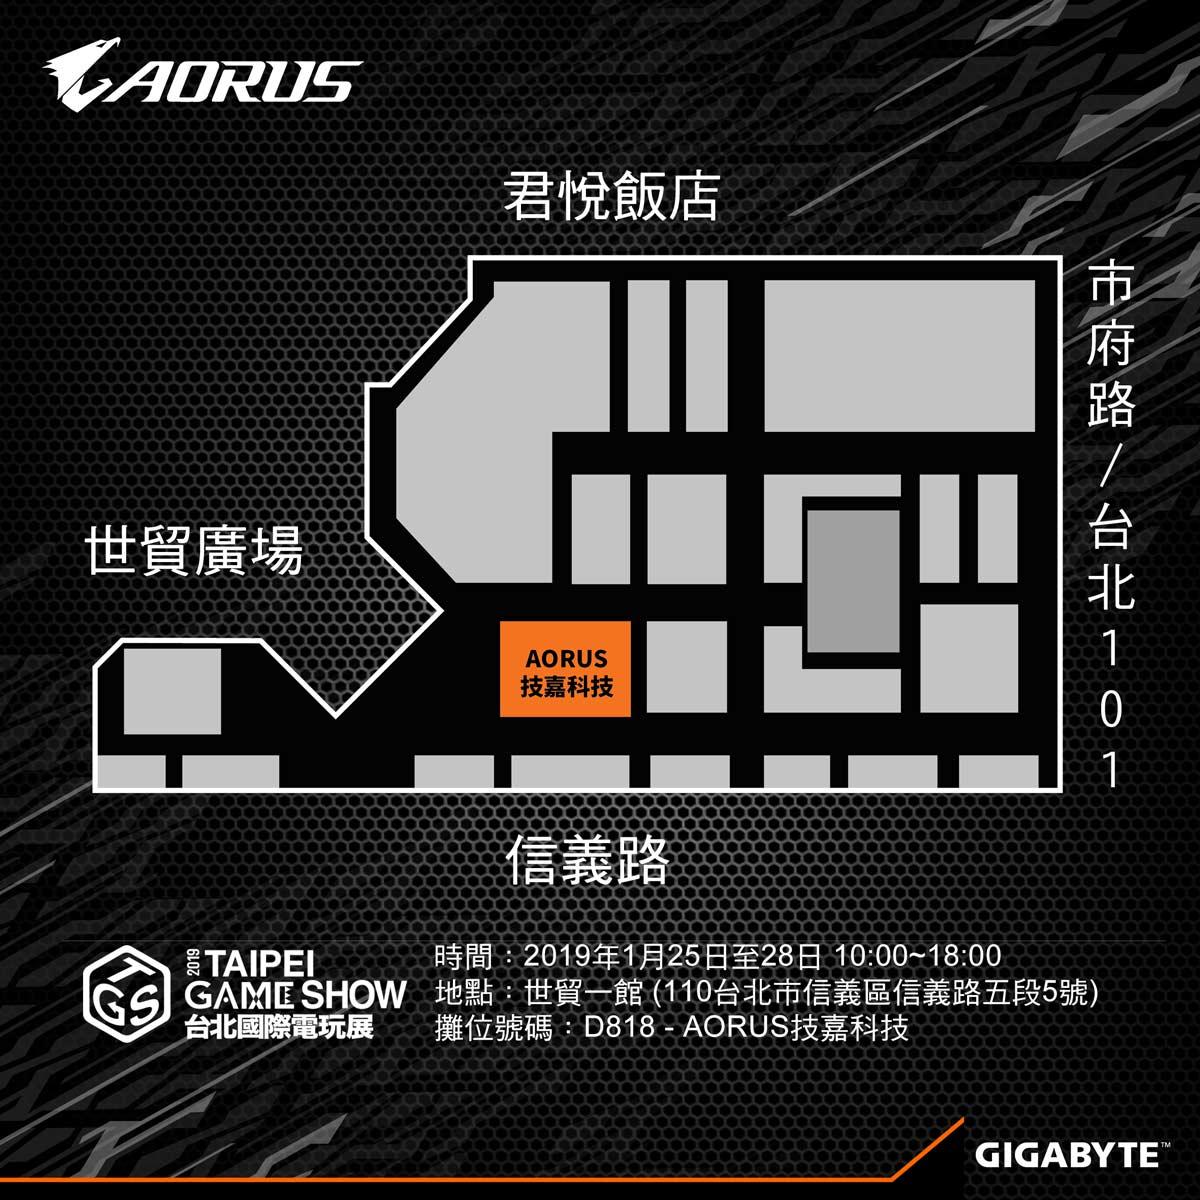 王者榮耀電競盛宴 AORUS鷹神降臨2019 TGS台北國際電玩展